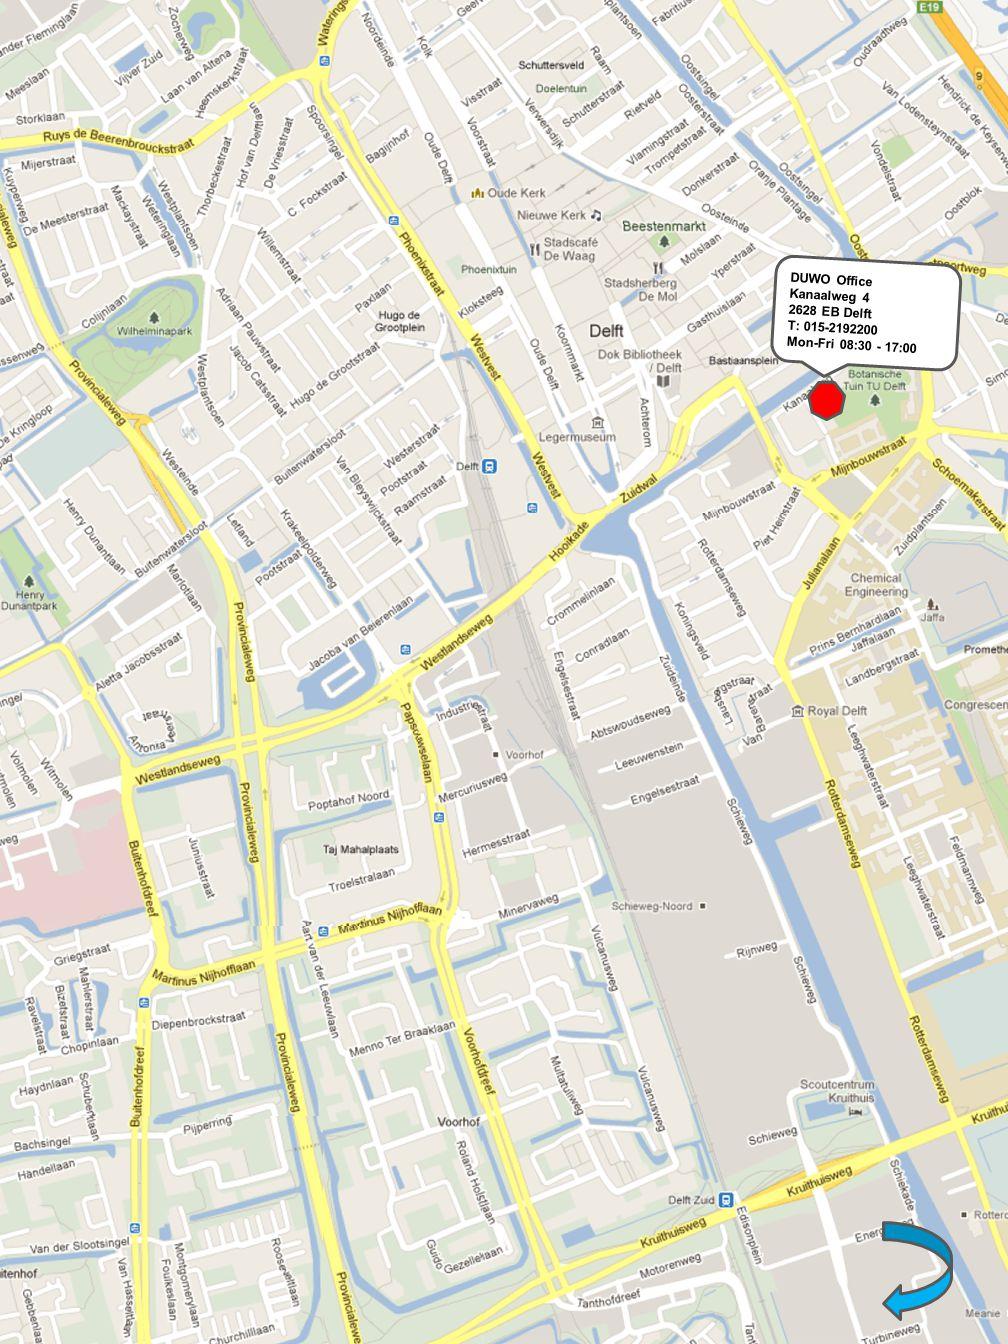 DUWO Office Kanaalweg 4 2628 EB Delft T: 015-2192200 Mon-Fri 08:30 - 17:00